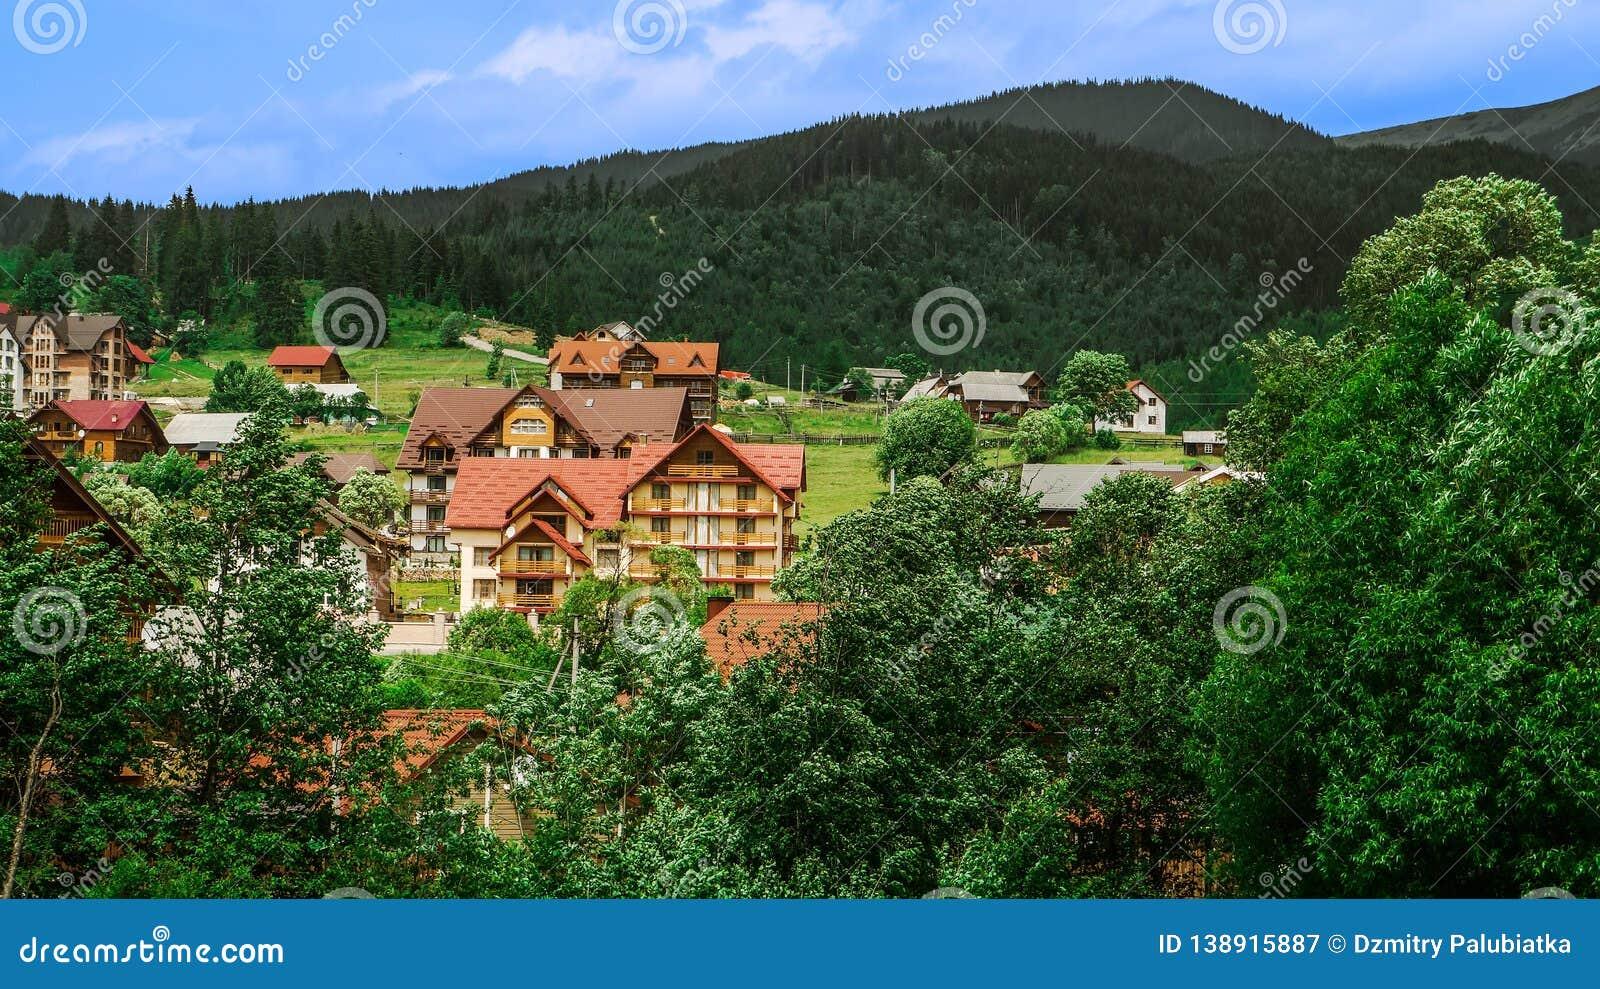 Красивый ландшафт, осень полей риса около деревни в горах, украинских прикарпатских горах